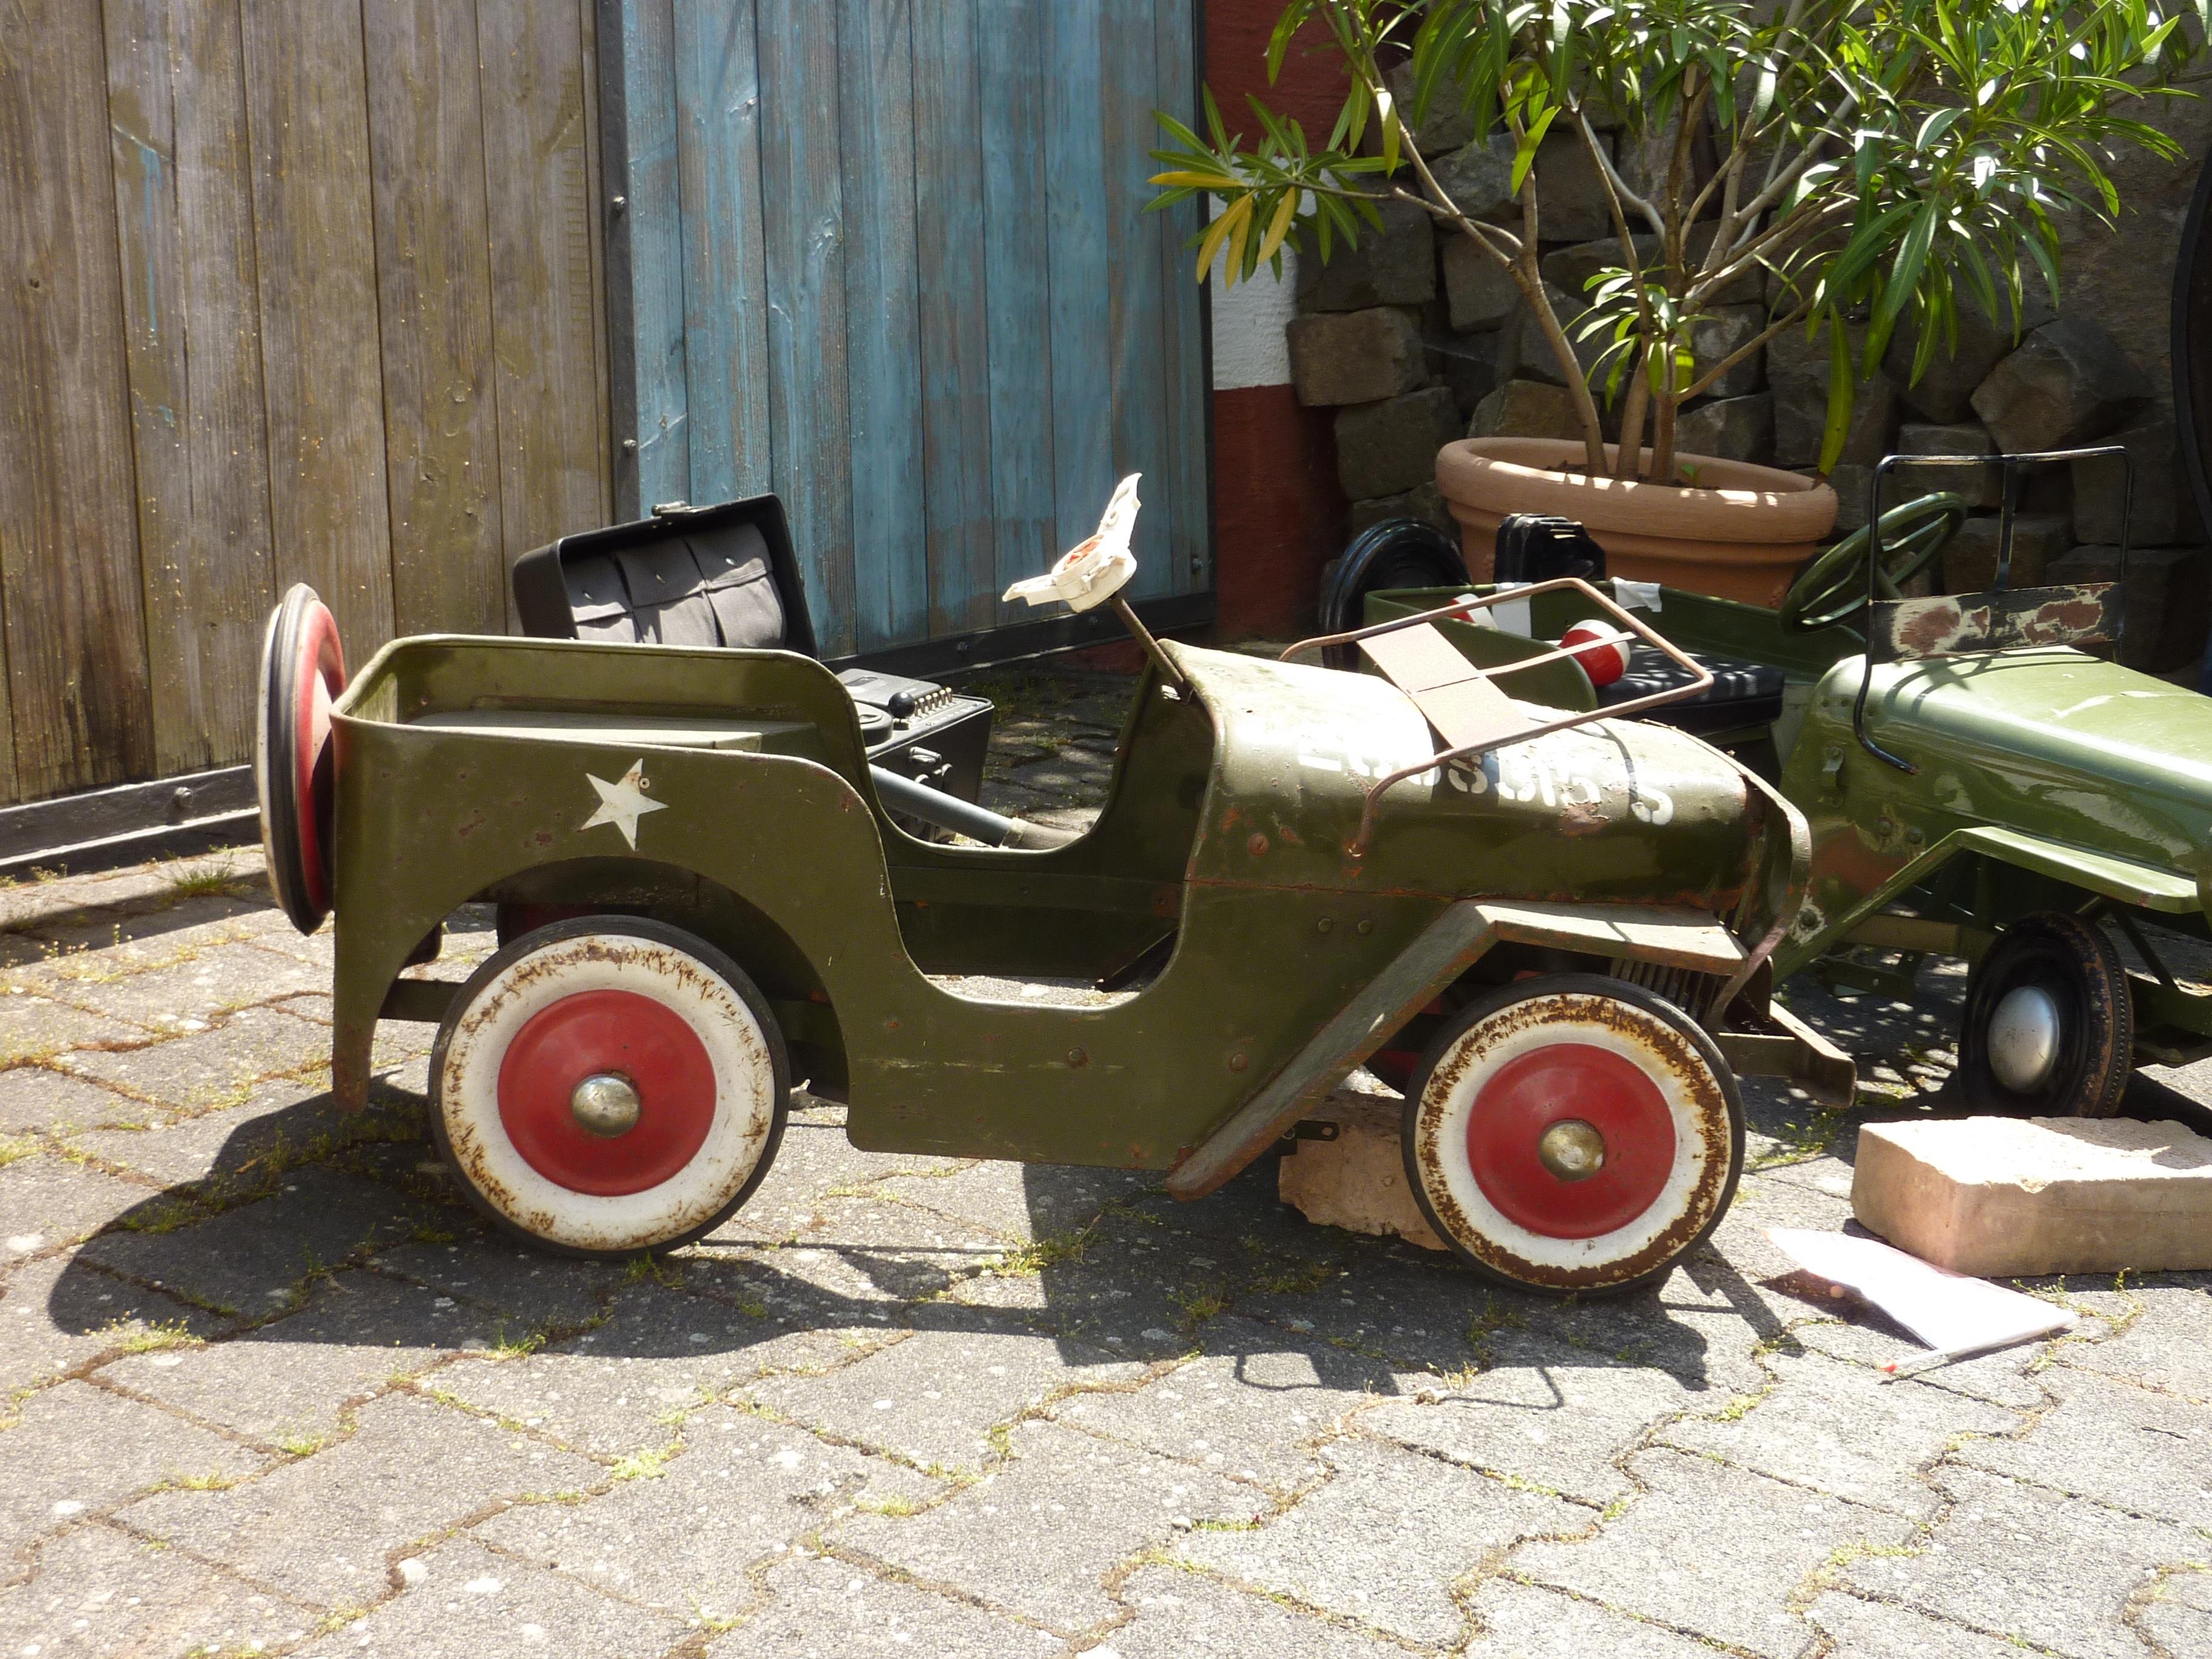 images gratuites vieux auto v hicule moteur voiture ancienne jouets voiture ancienne. Black Bedroom Furniture Sets. Home Design Ideas